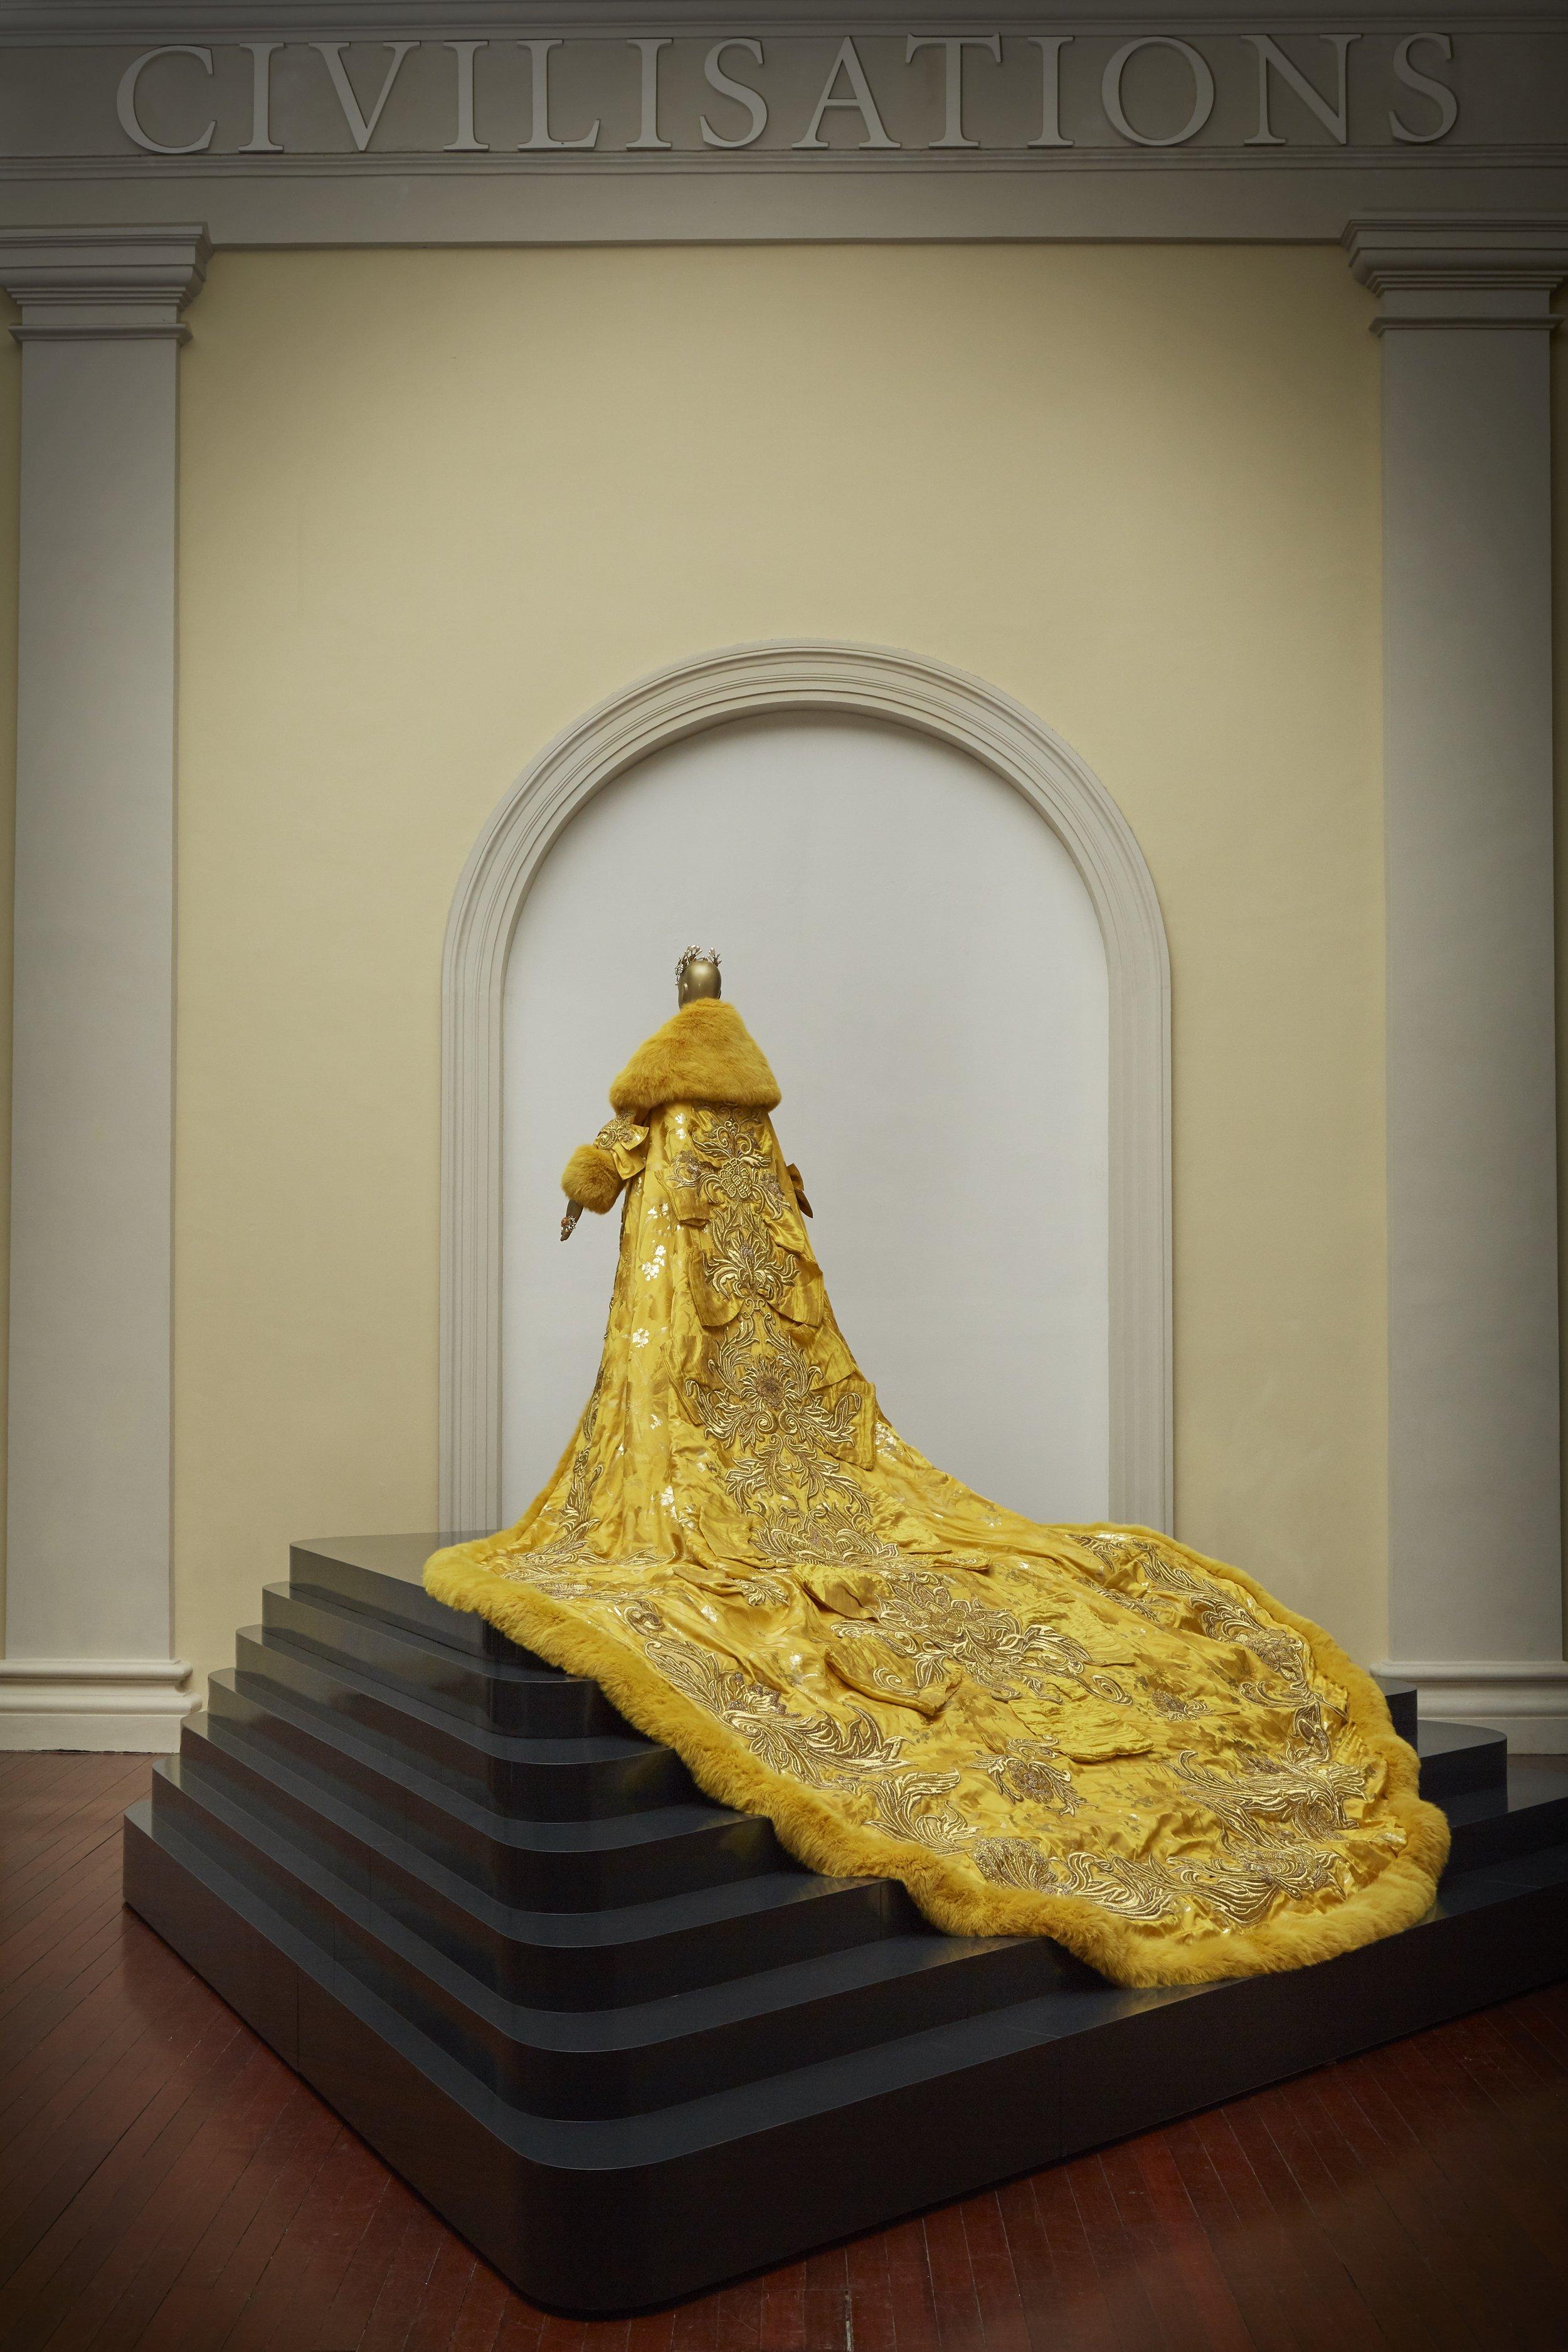 黄皇后 (Yellow Queen). Image courtesy of Asian Civilisations Museum.